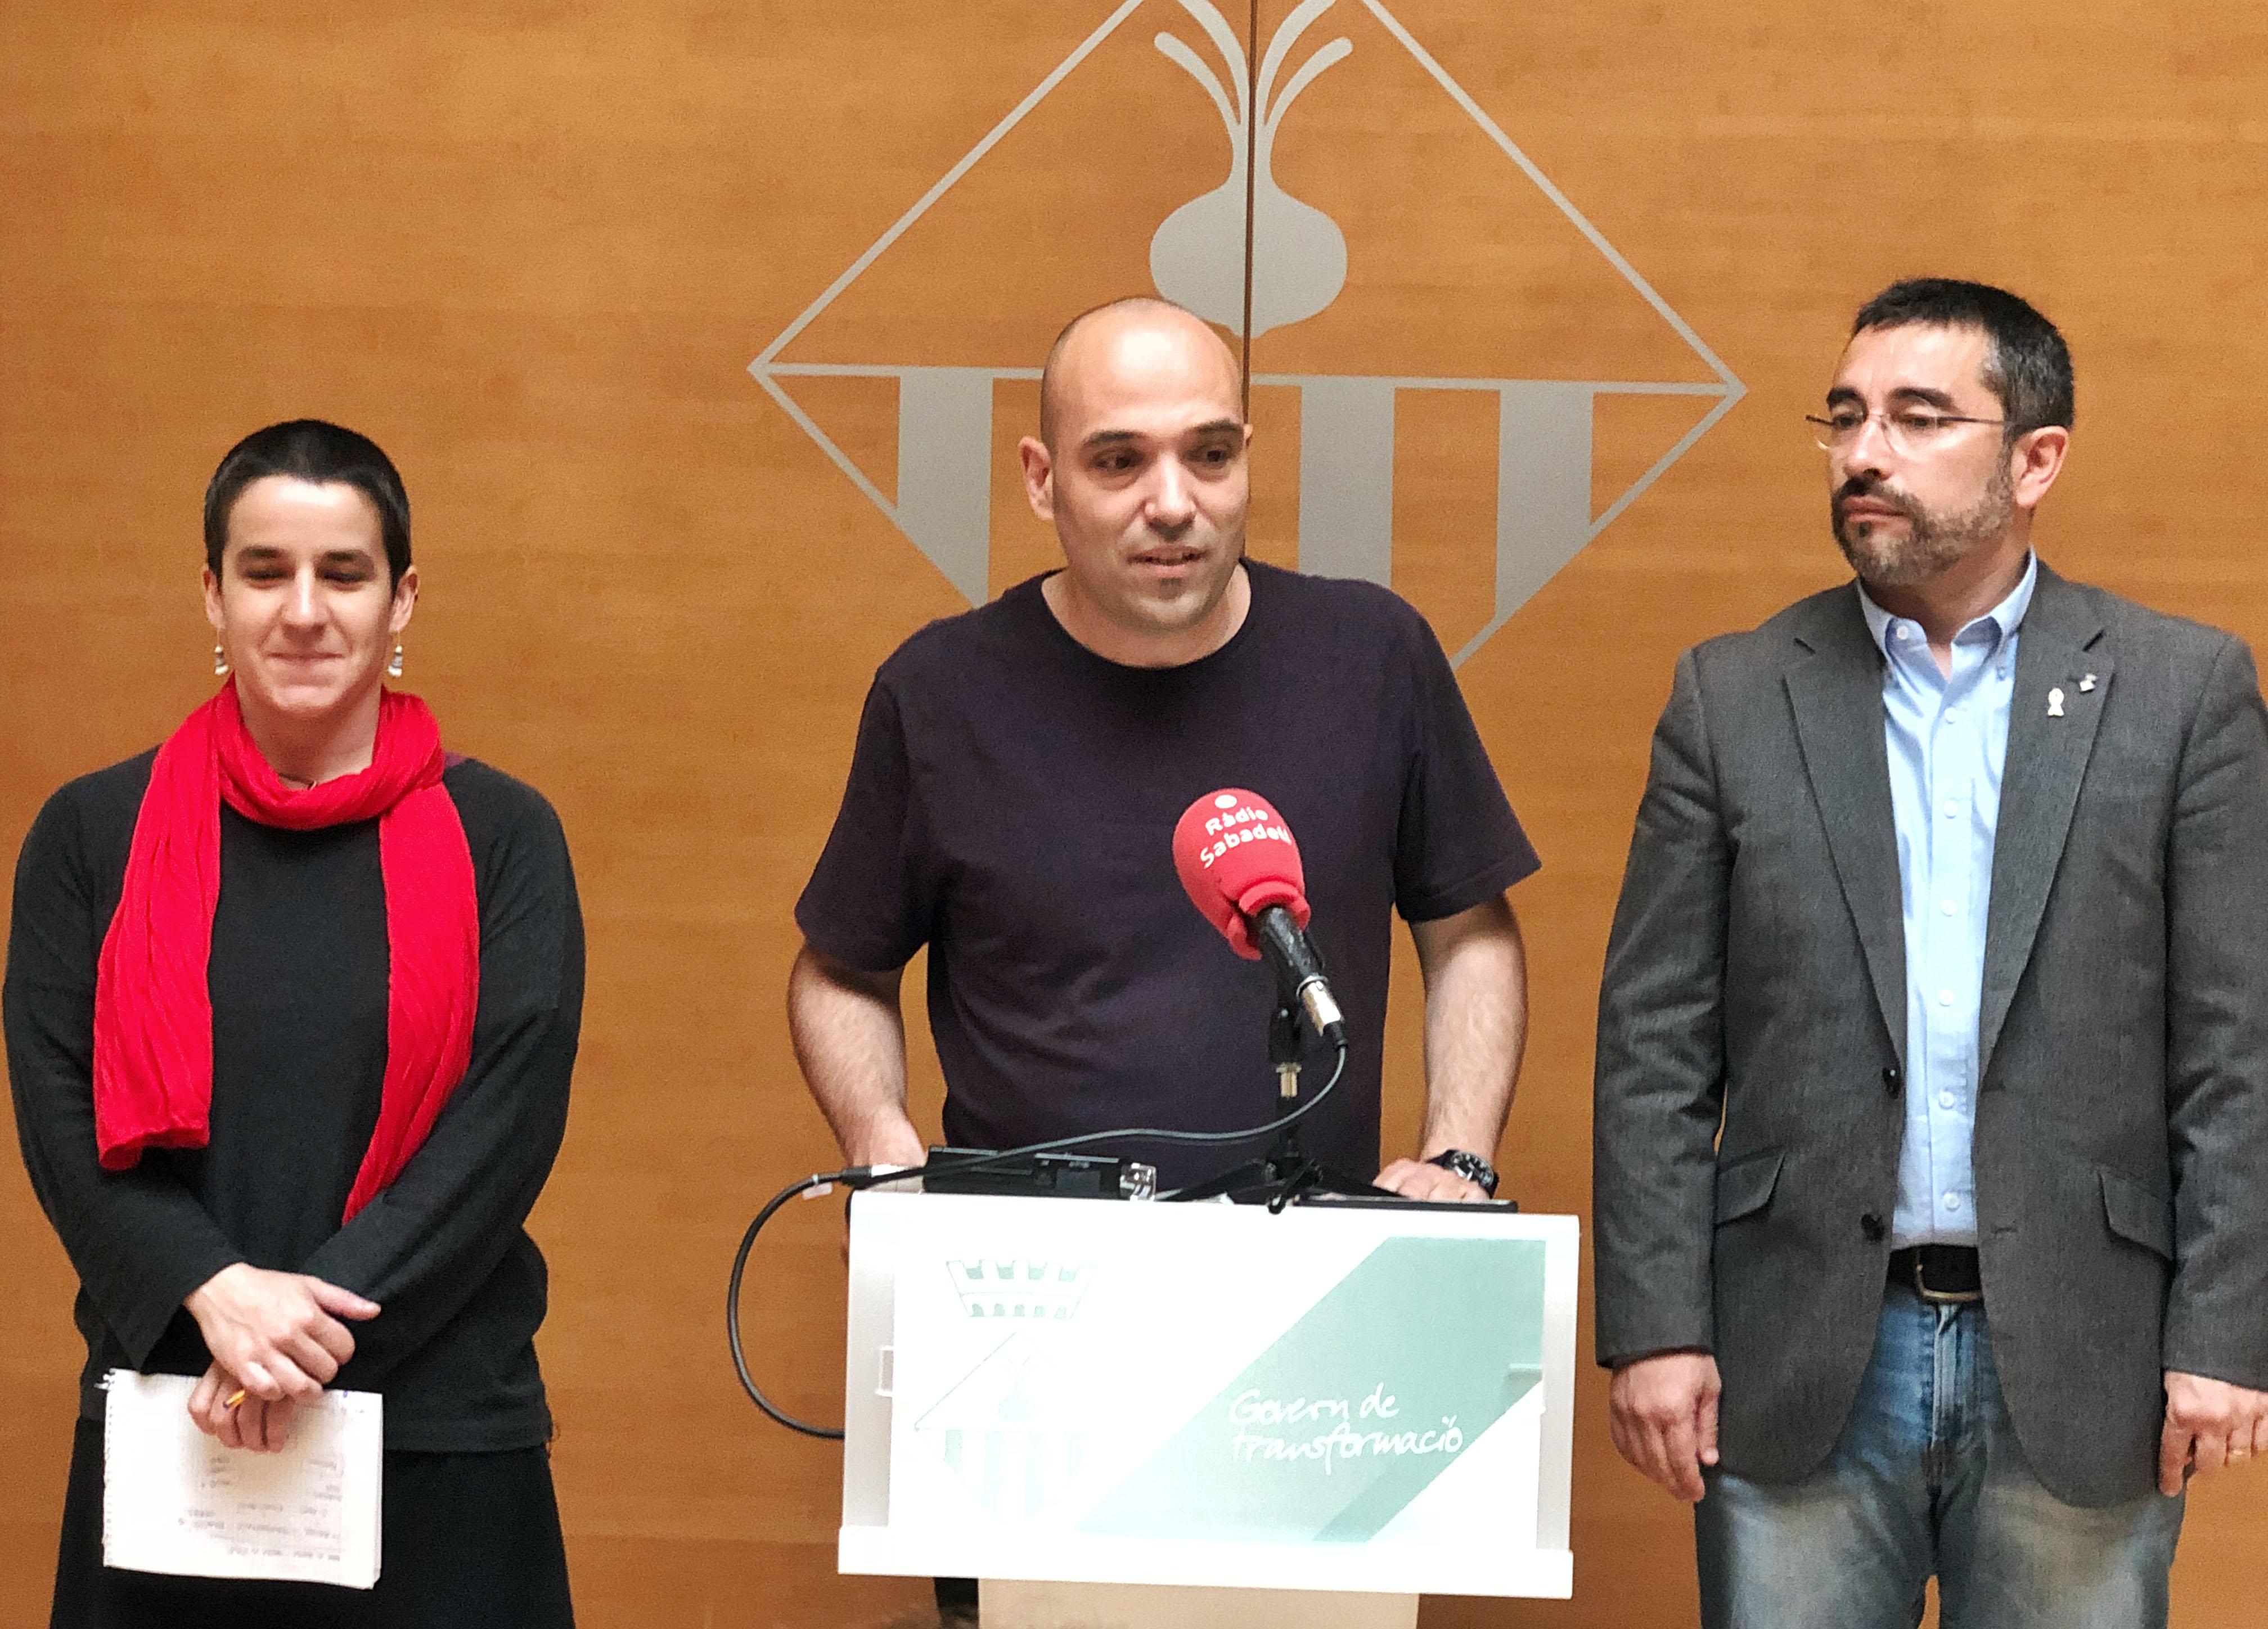 El preu de l'aigua no pujarà a Sabadell el 2018